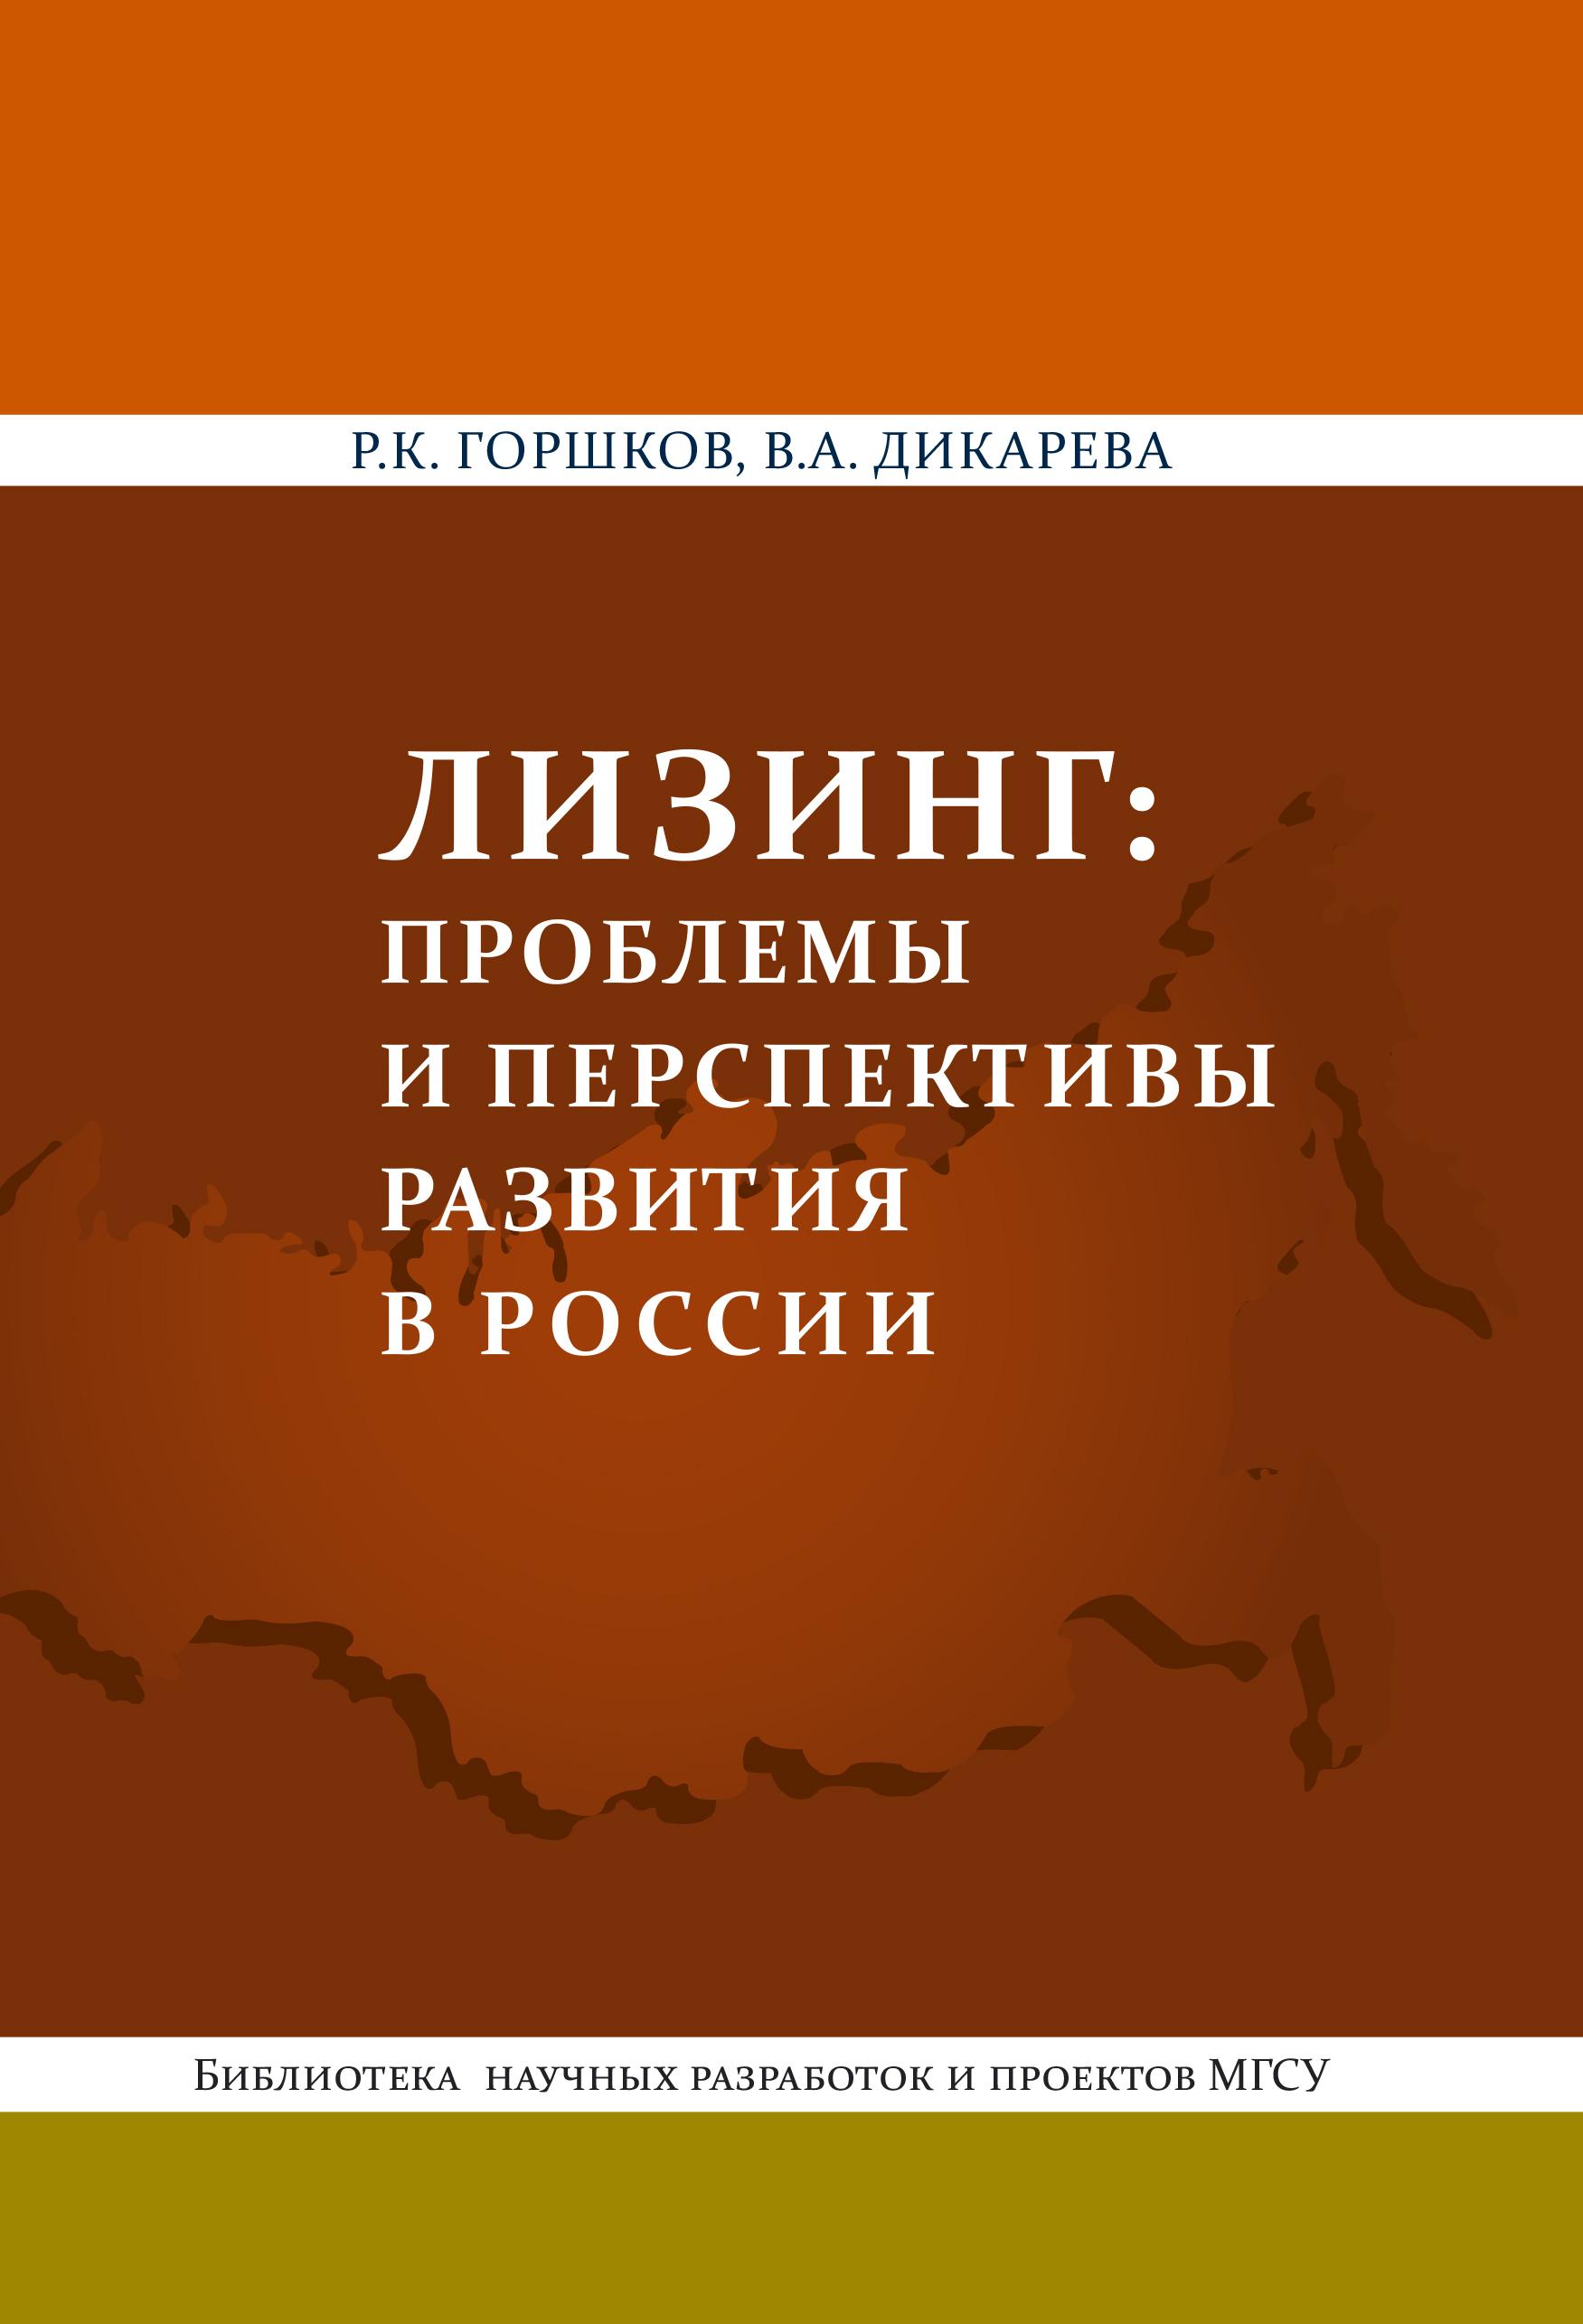 Фото - Р. К. Горшков Лизинг: проблемы и перспективы развития в России финишный гвоздь swfs свфс din1152 1 8х40 25кг тов 041025